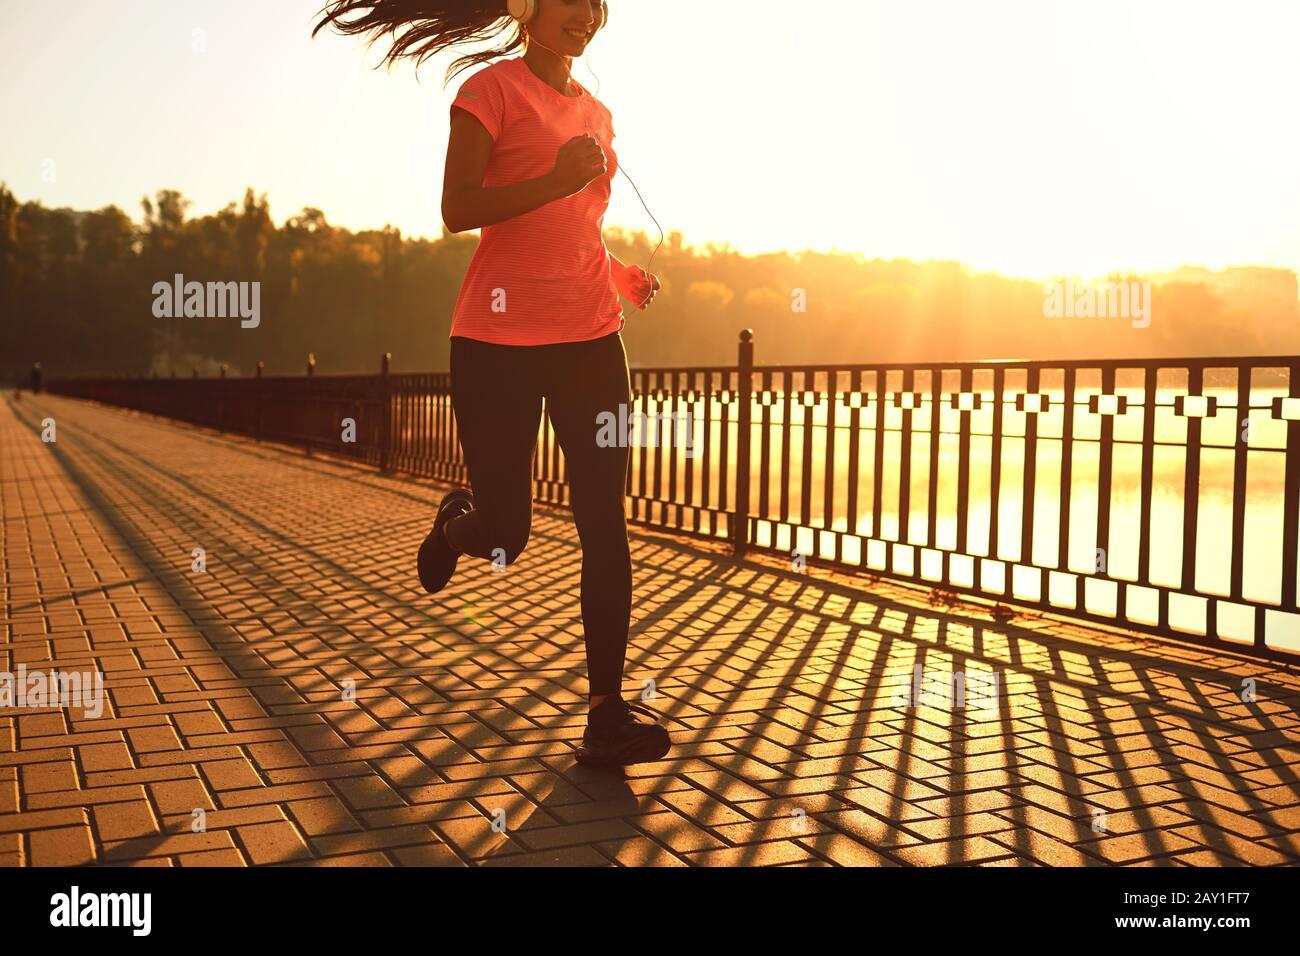 Runner fonctionne sur la route dans le soleil au coucher du soleil dans un parc en automne. Banque D'Images